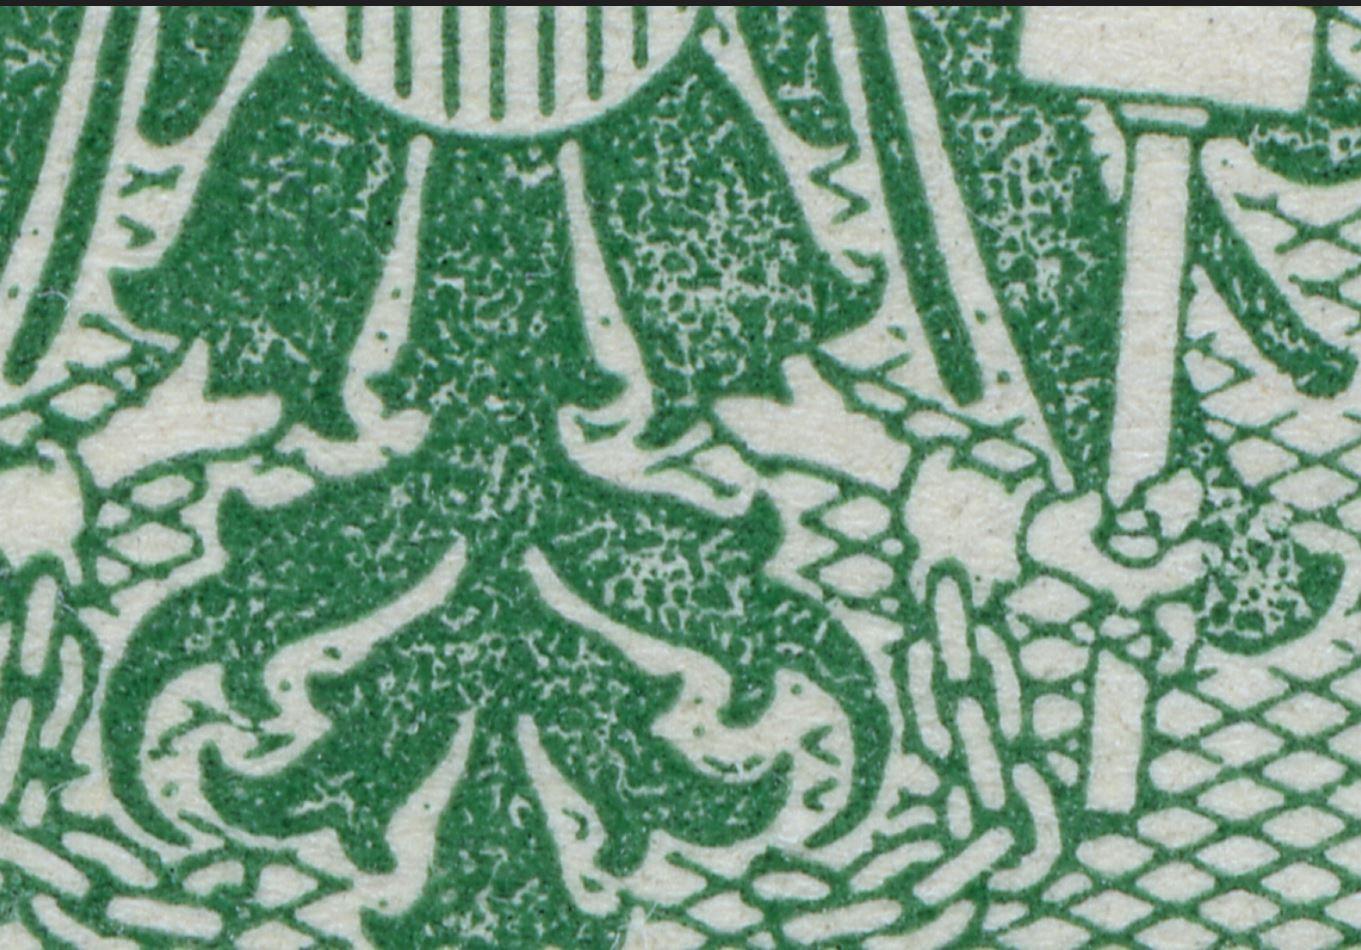 1945 Wappenzeichnung - Seite 4 At_1945_wappen_5_metall_gummi_15